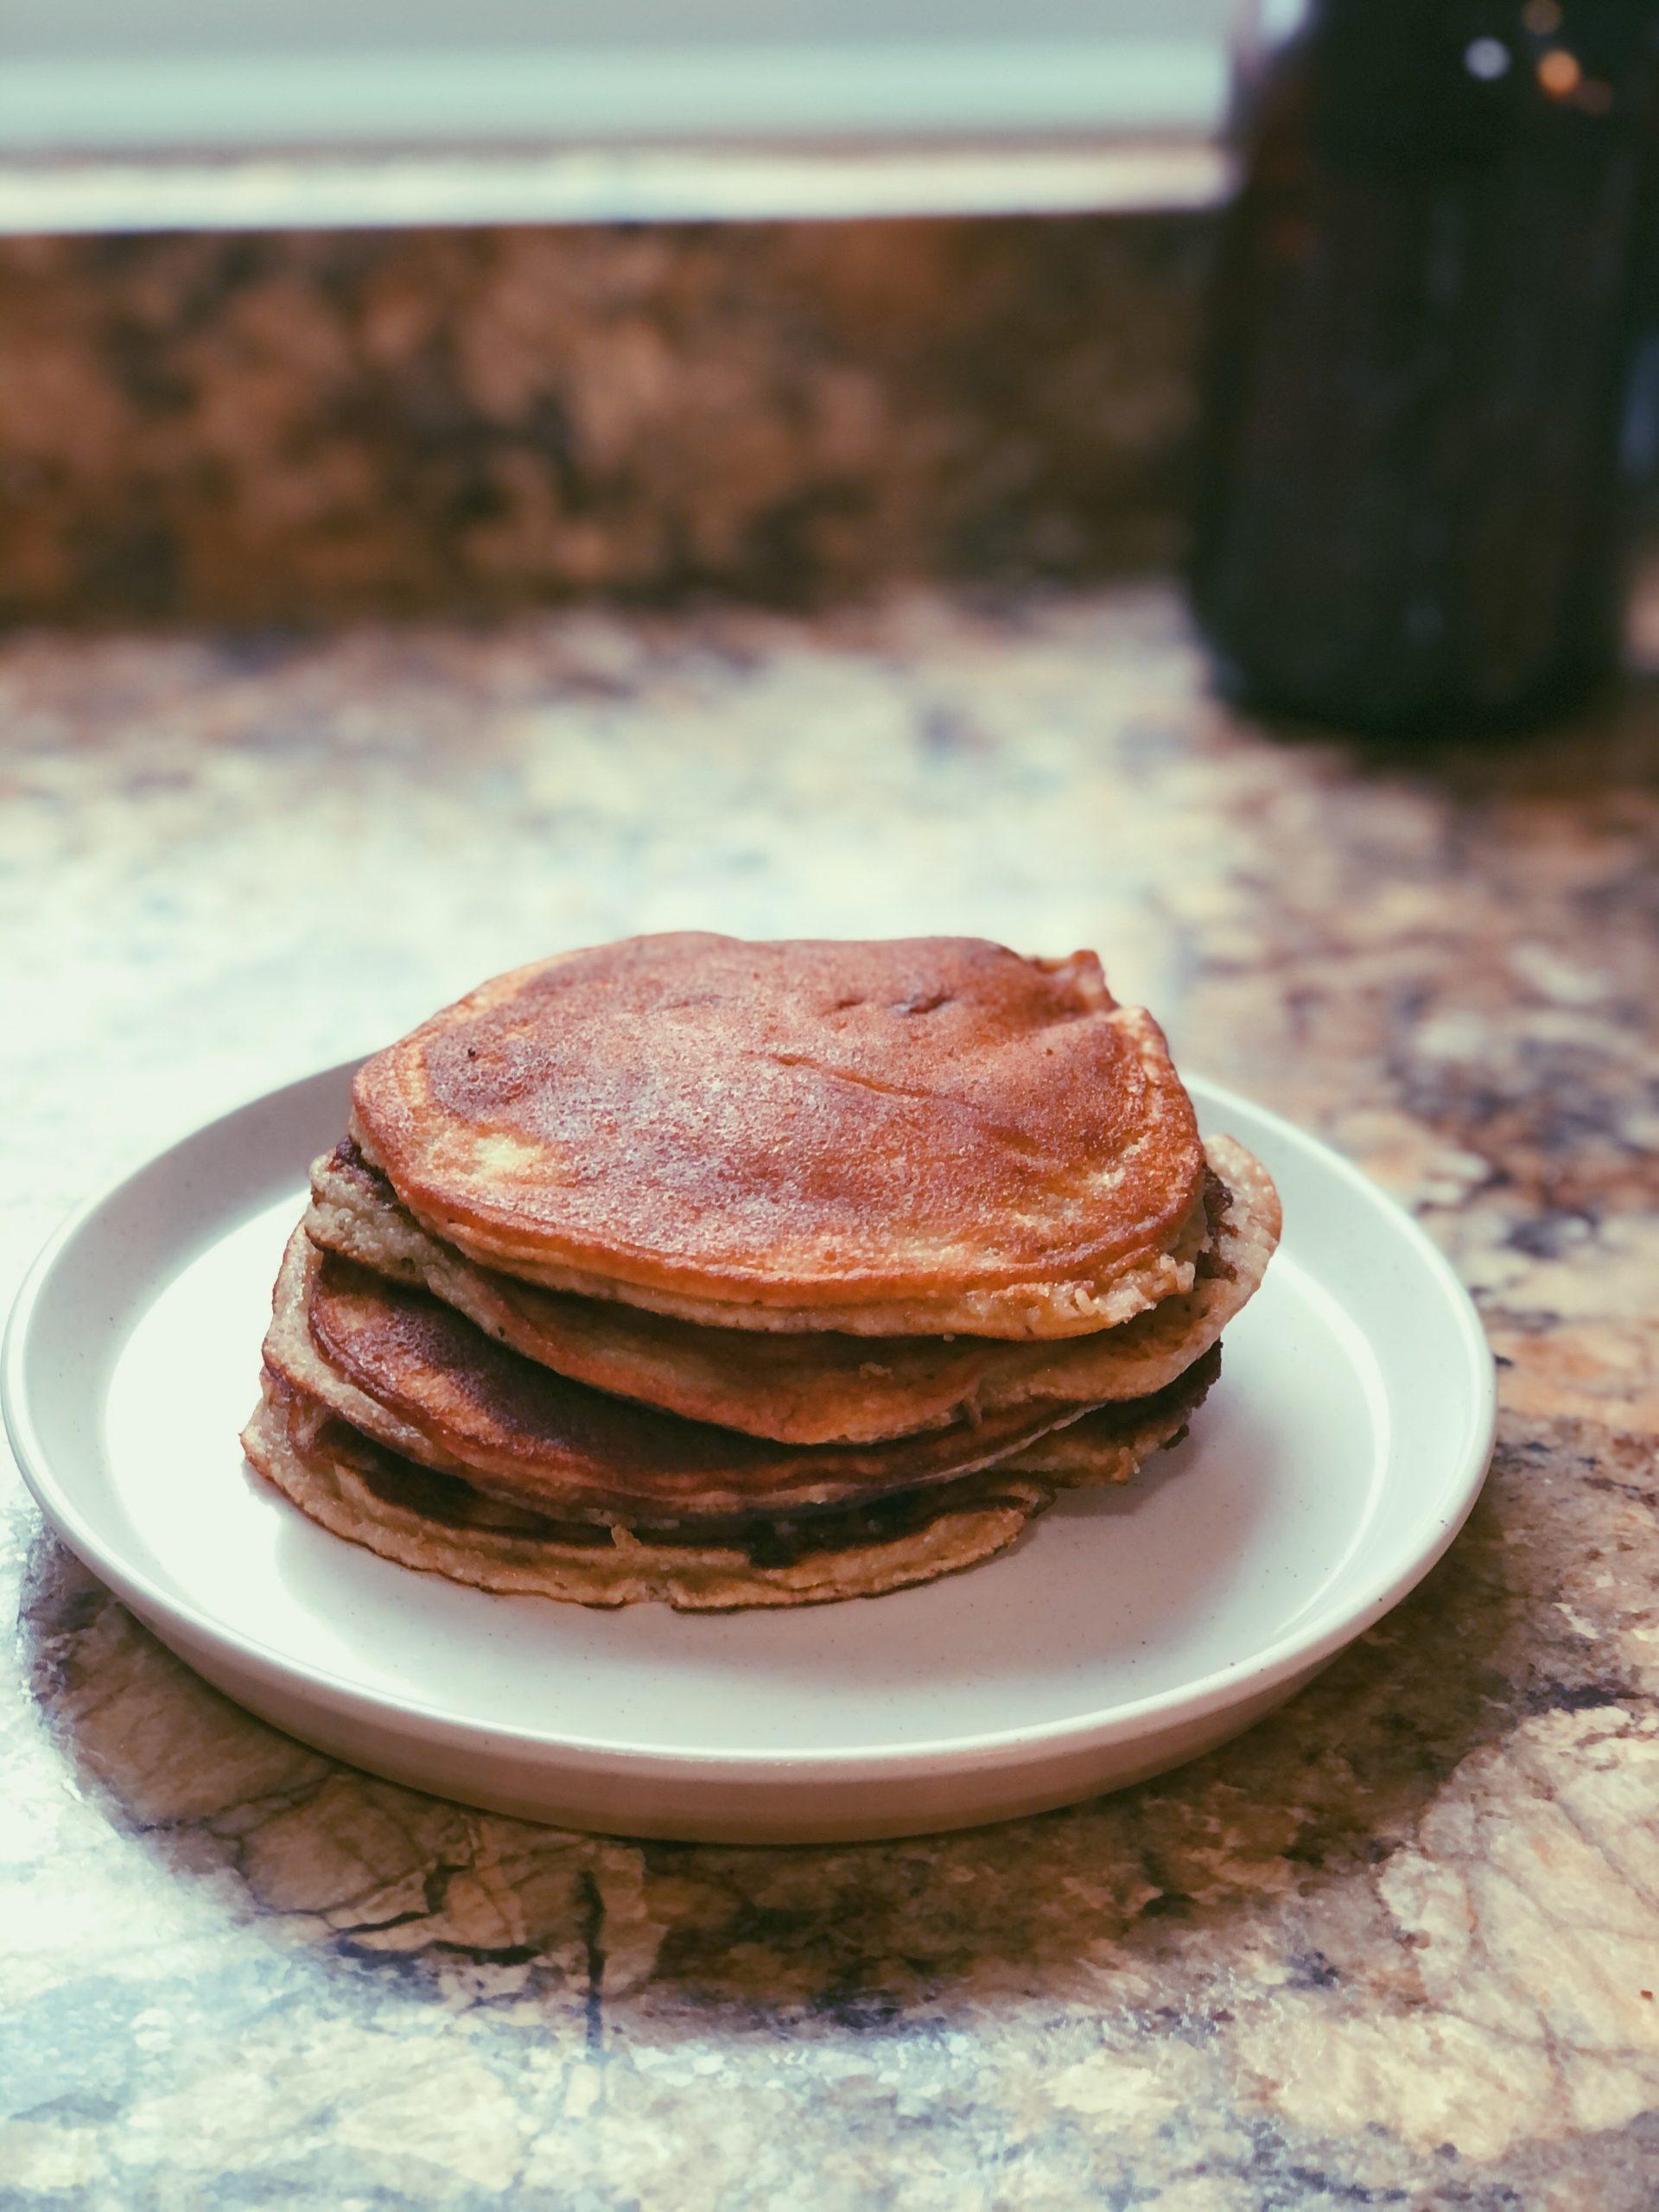 coconut flour pancakes, scd diet